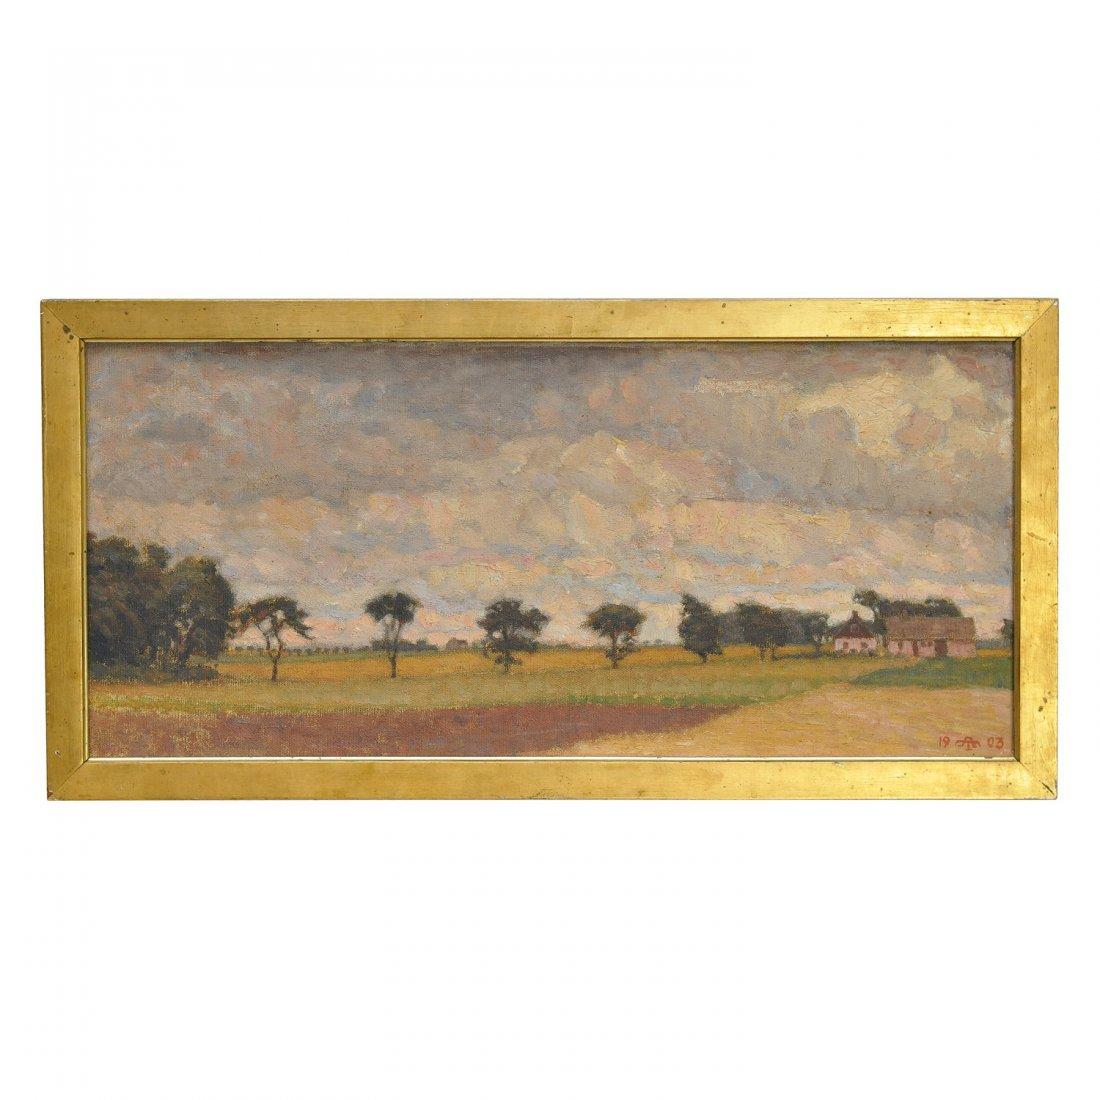 57: ANDERS TRULSON (1874-1911), olja på duk